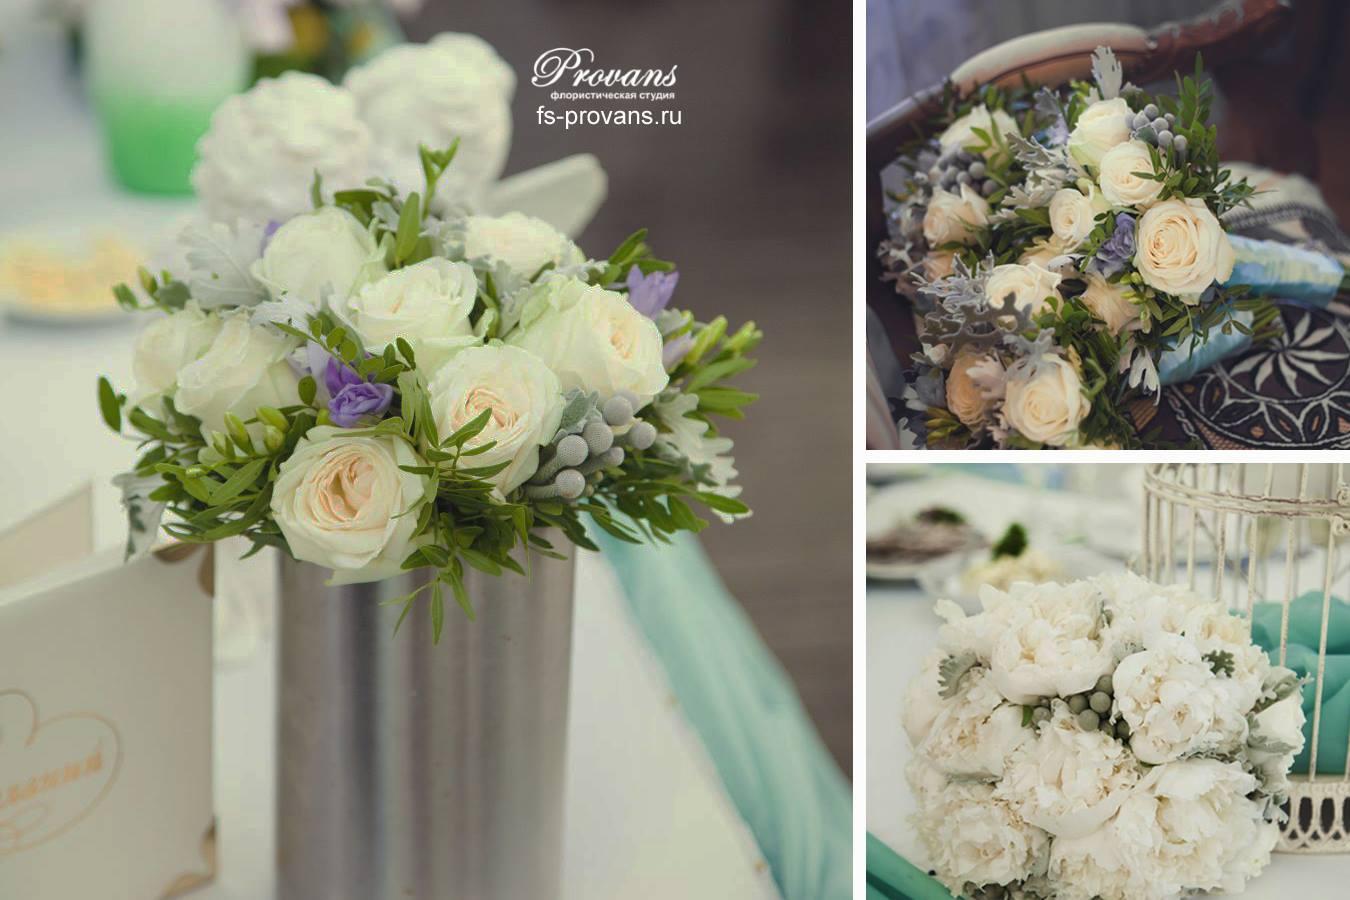 Букет подружки невесты. Розы, фрезия, бруния